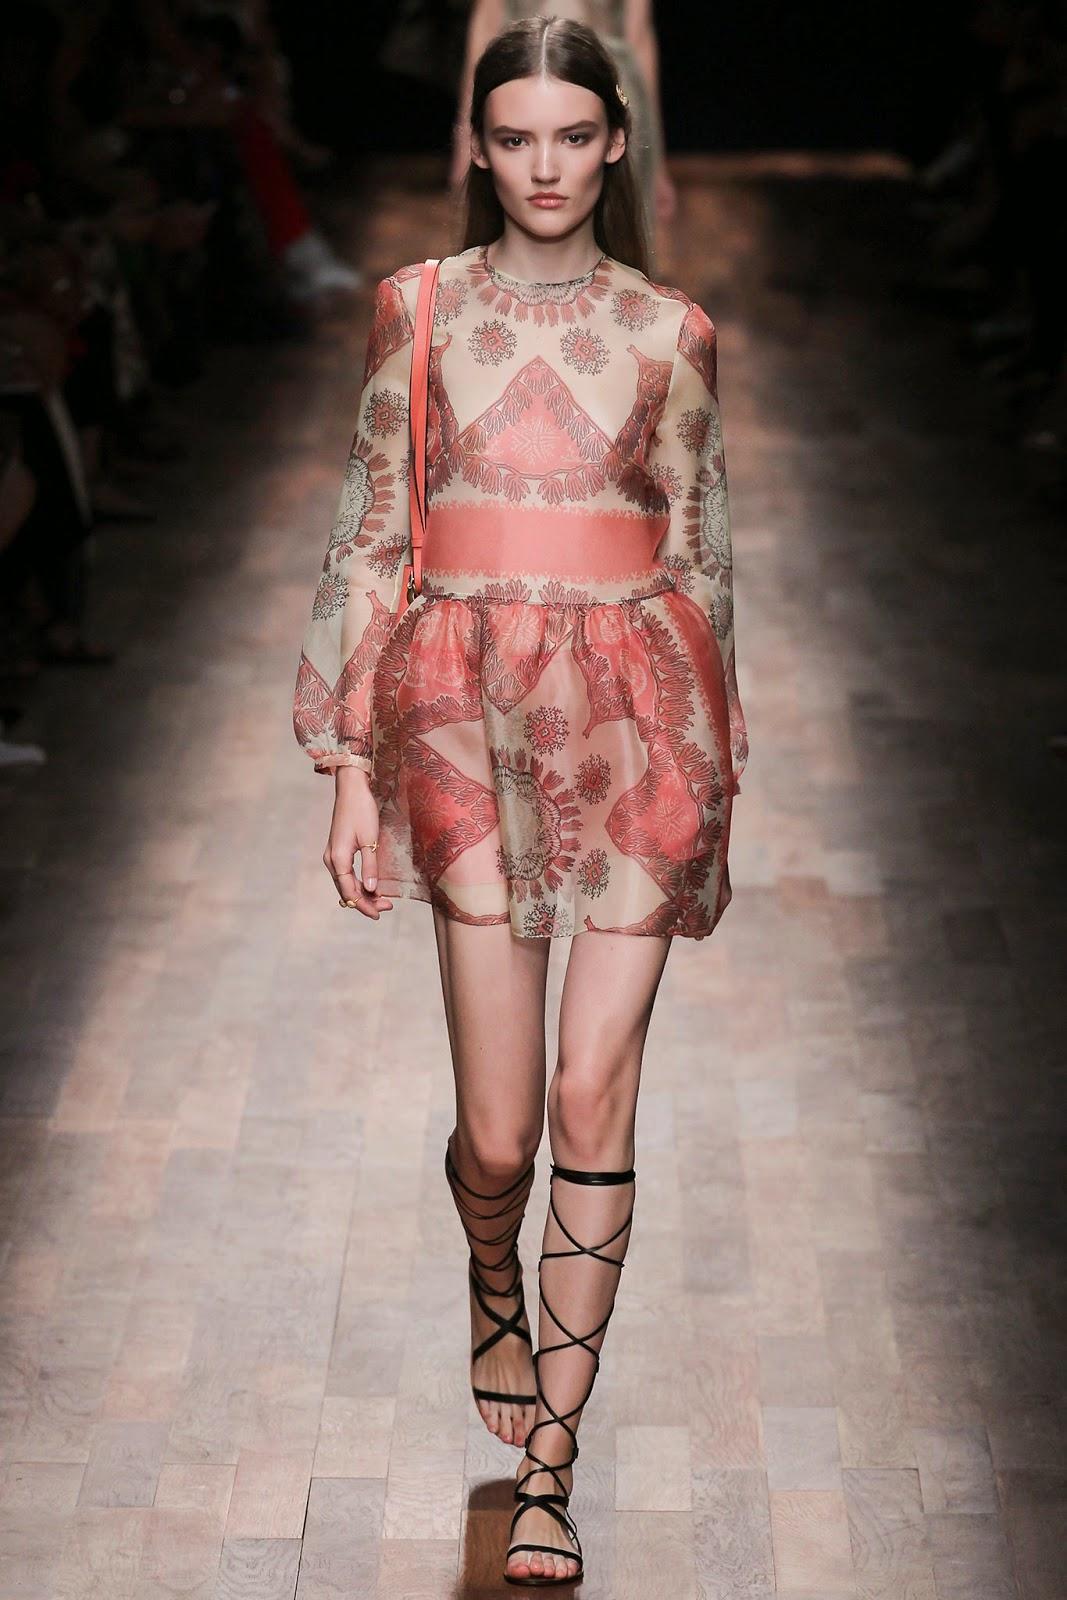 valentino 2015 summer 2016 trend women dress71 Valentino 2015 samling, våren sommaren 2016 Valentino klänning modeller, Valentino kväll klänning nya säsongen kvinnors kjolar modeller